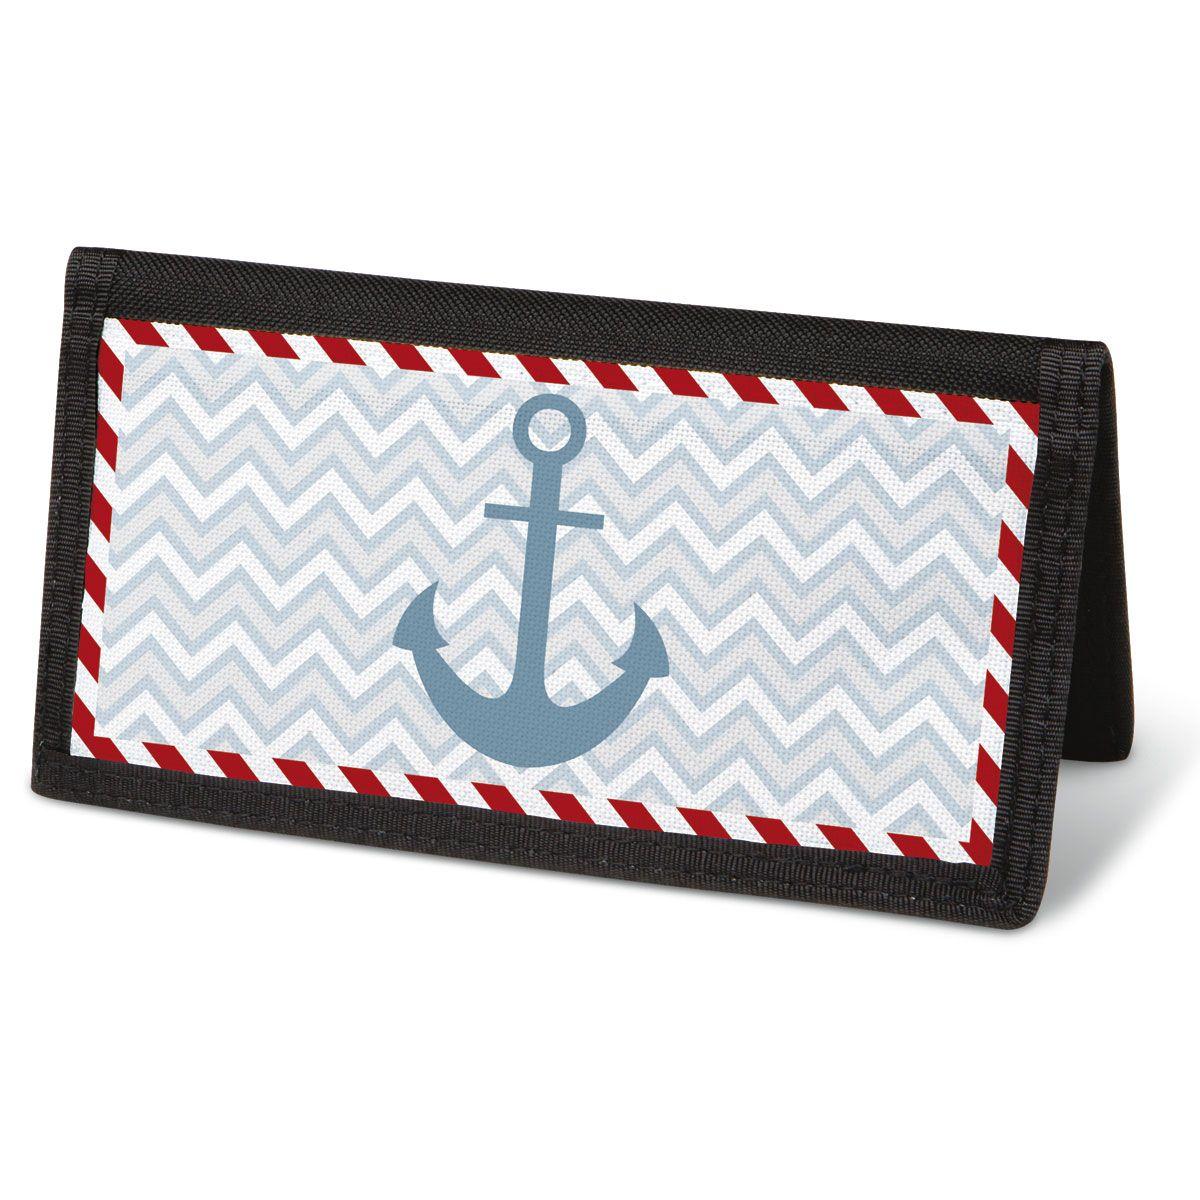 Nautical Chic Checkbook Cover - Non-Personalized